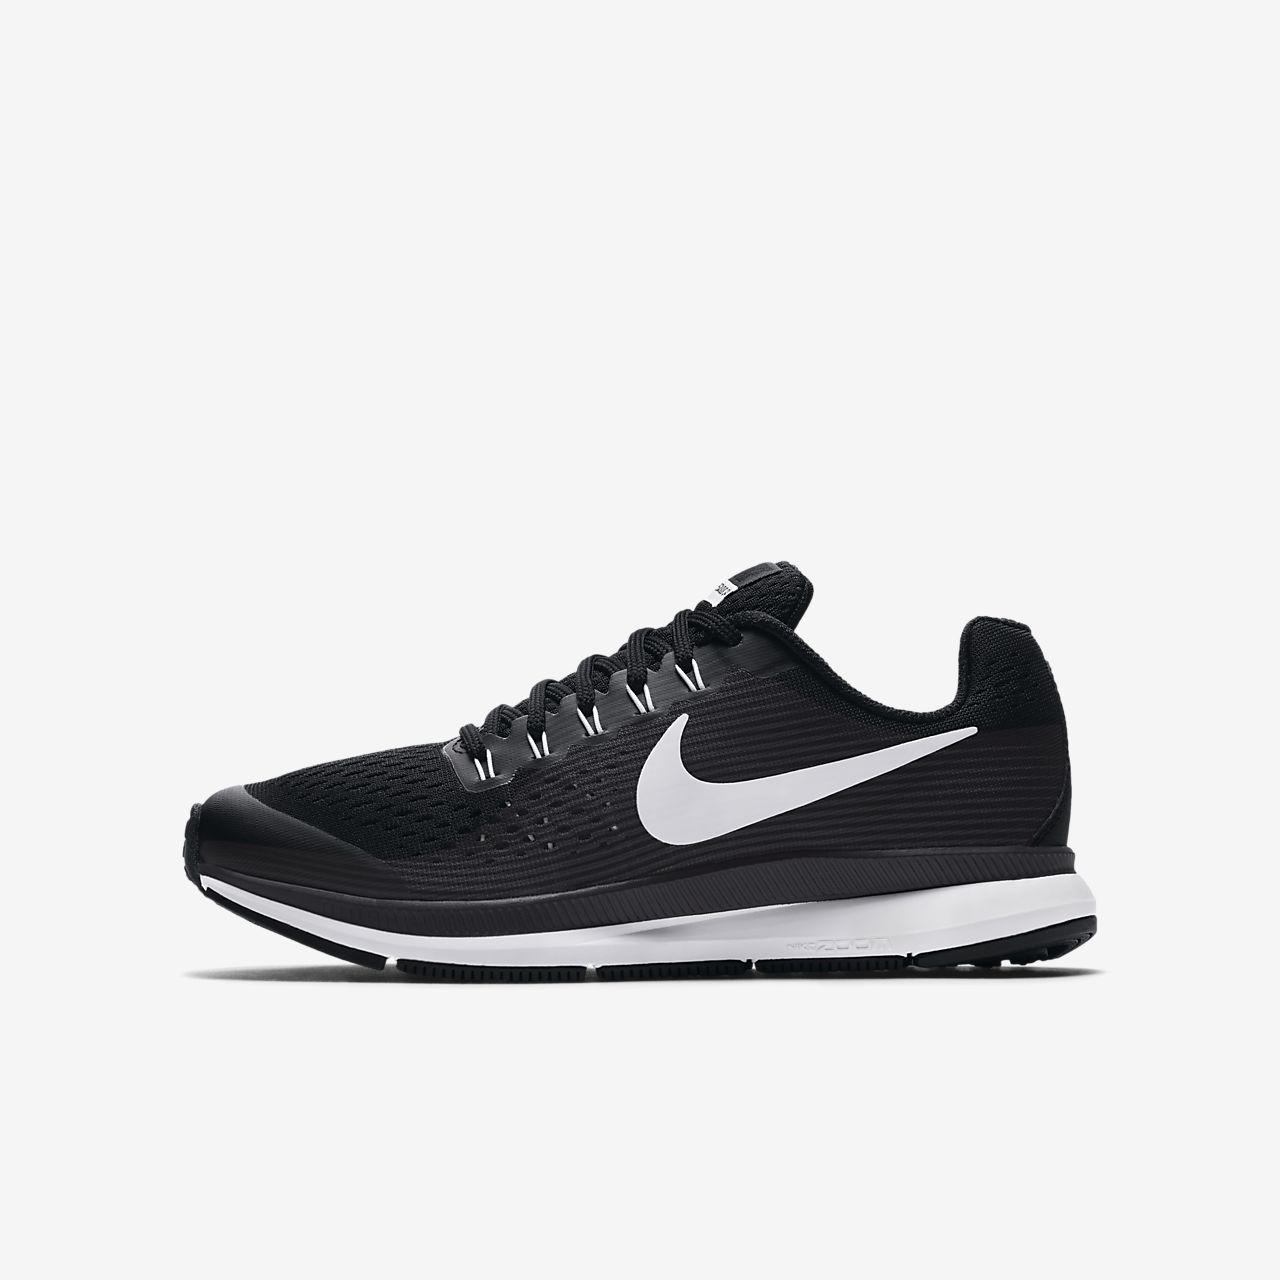 ... Chaussure de running Nike Zoom Pegasus 34 pour Enfant plus âgé